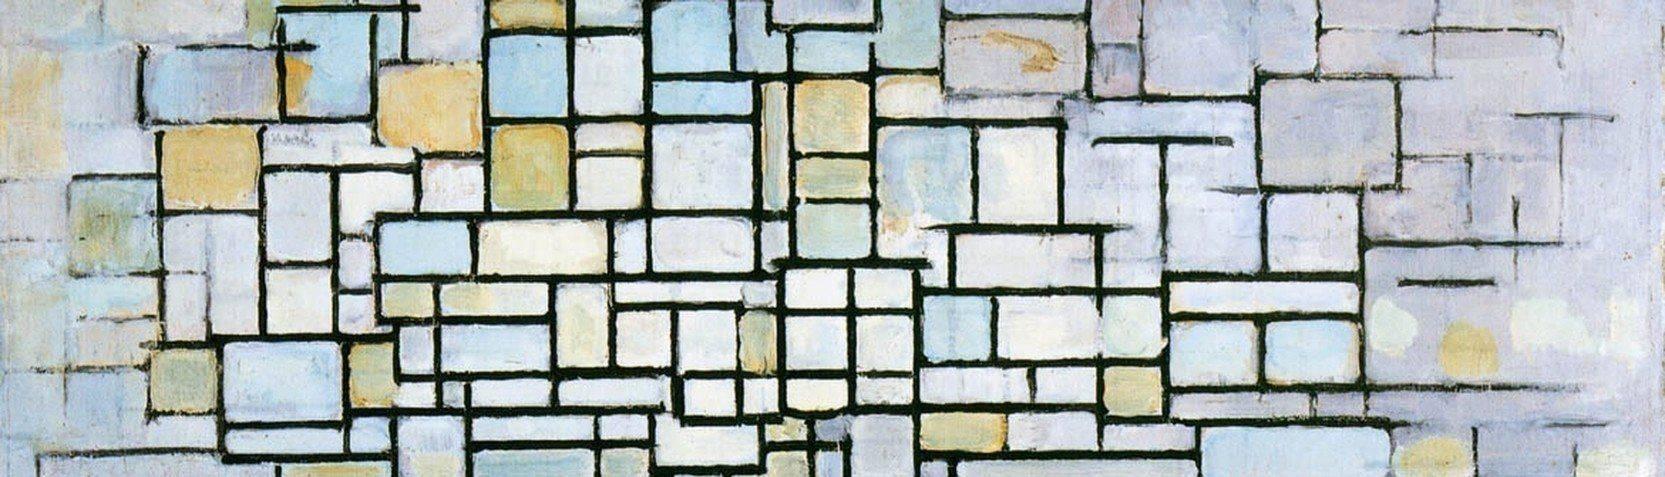 Künstler - Piet Mondrian